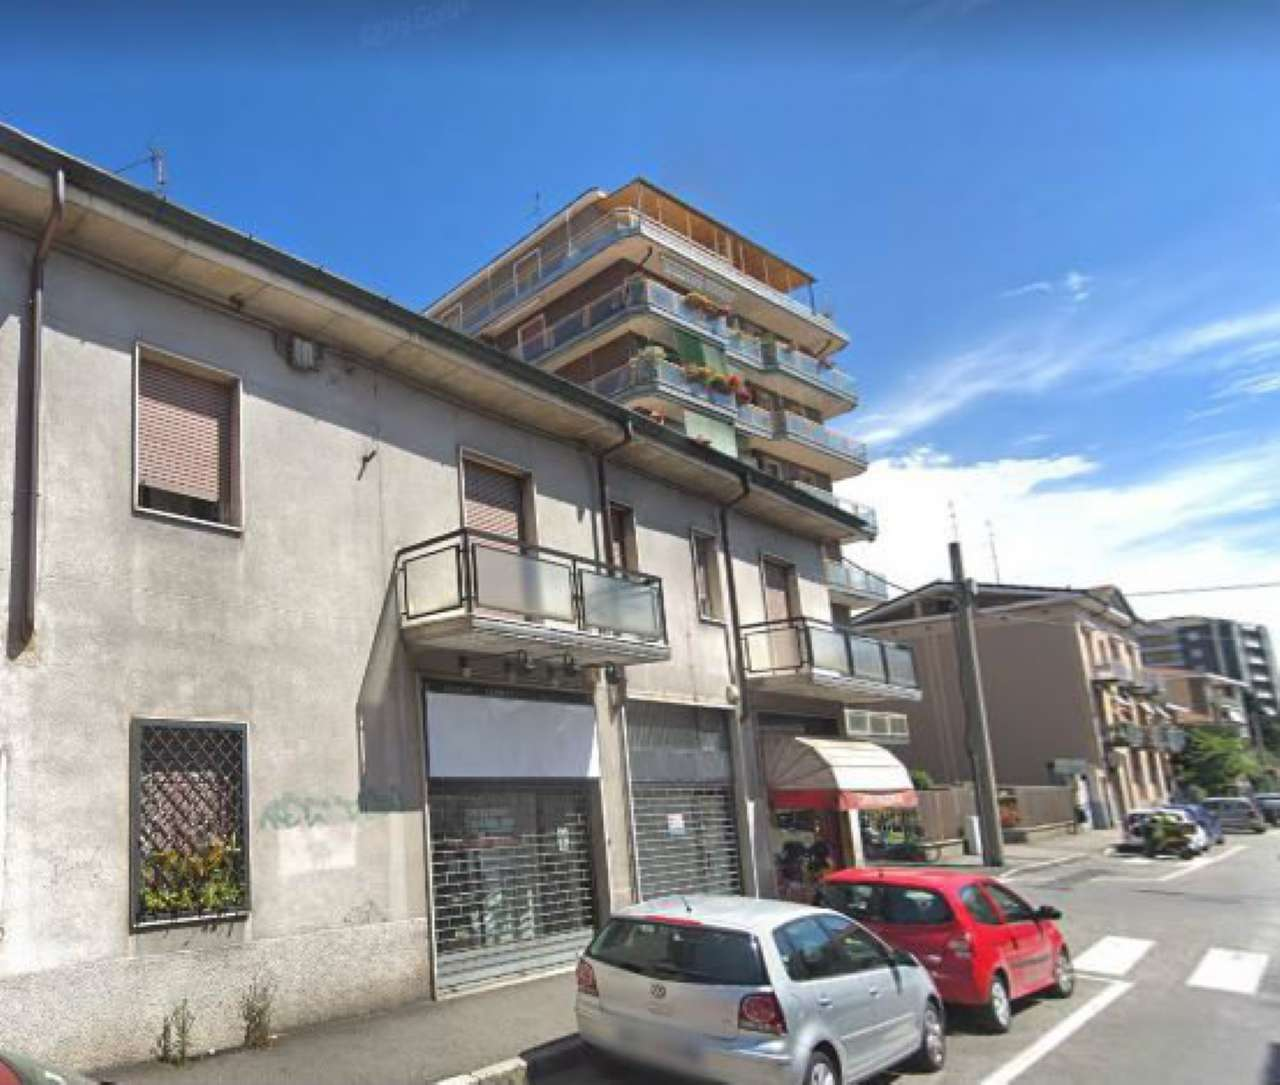 Negozio / Locale in vendita a Bresso, 2 locali, prezzo € 60.000 | CambioCasa.it